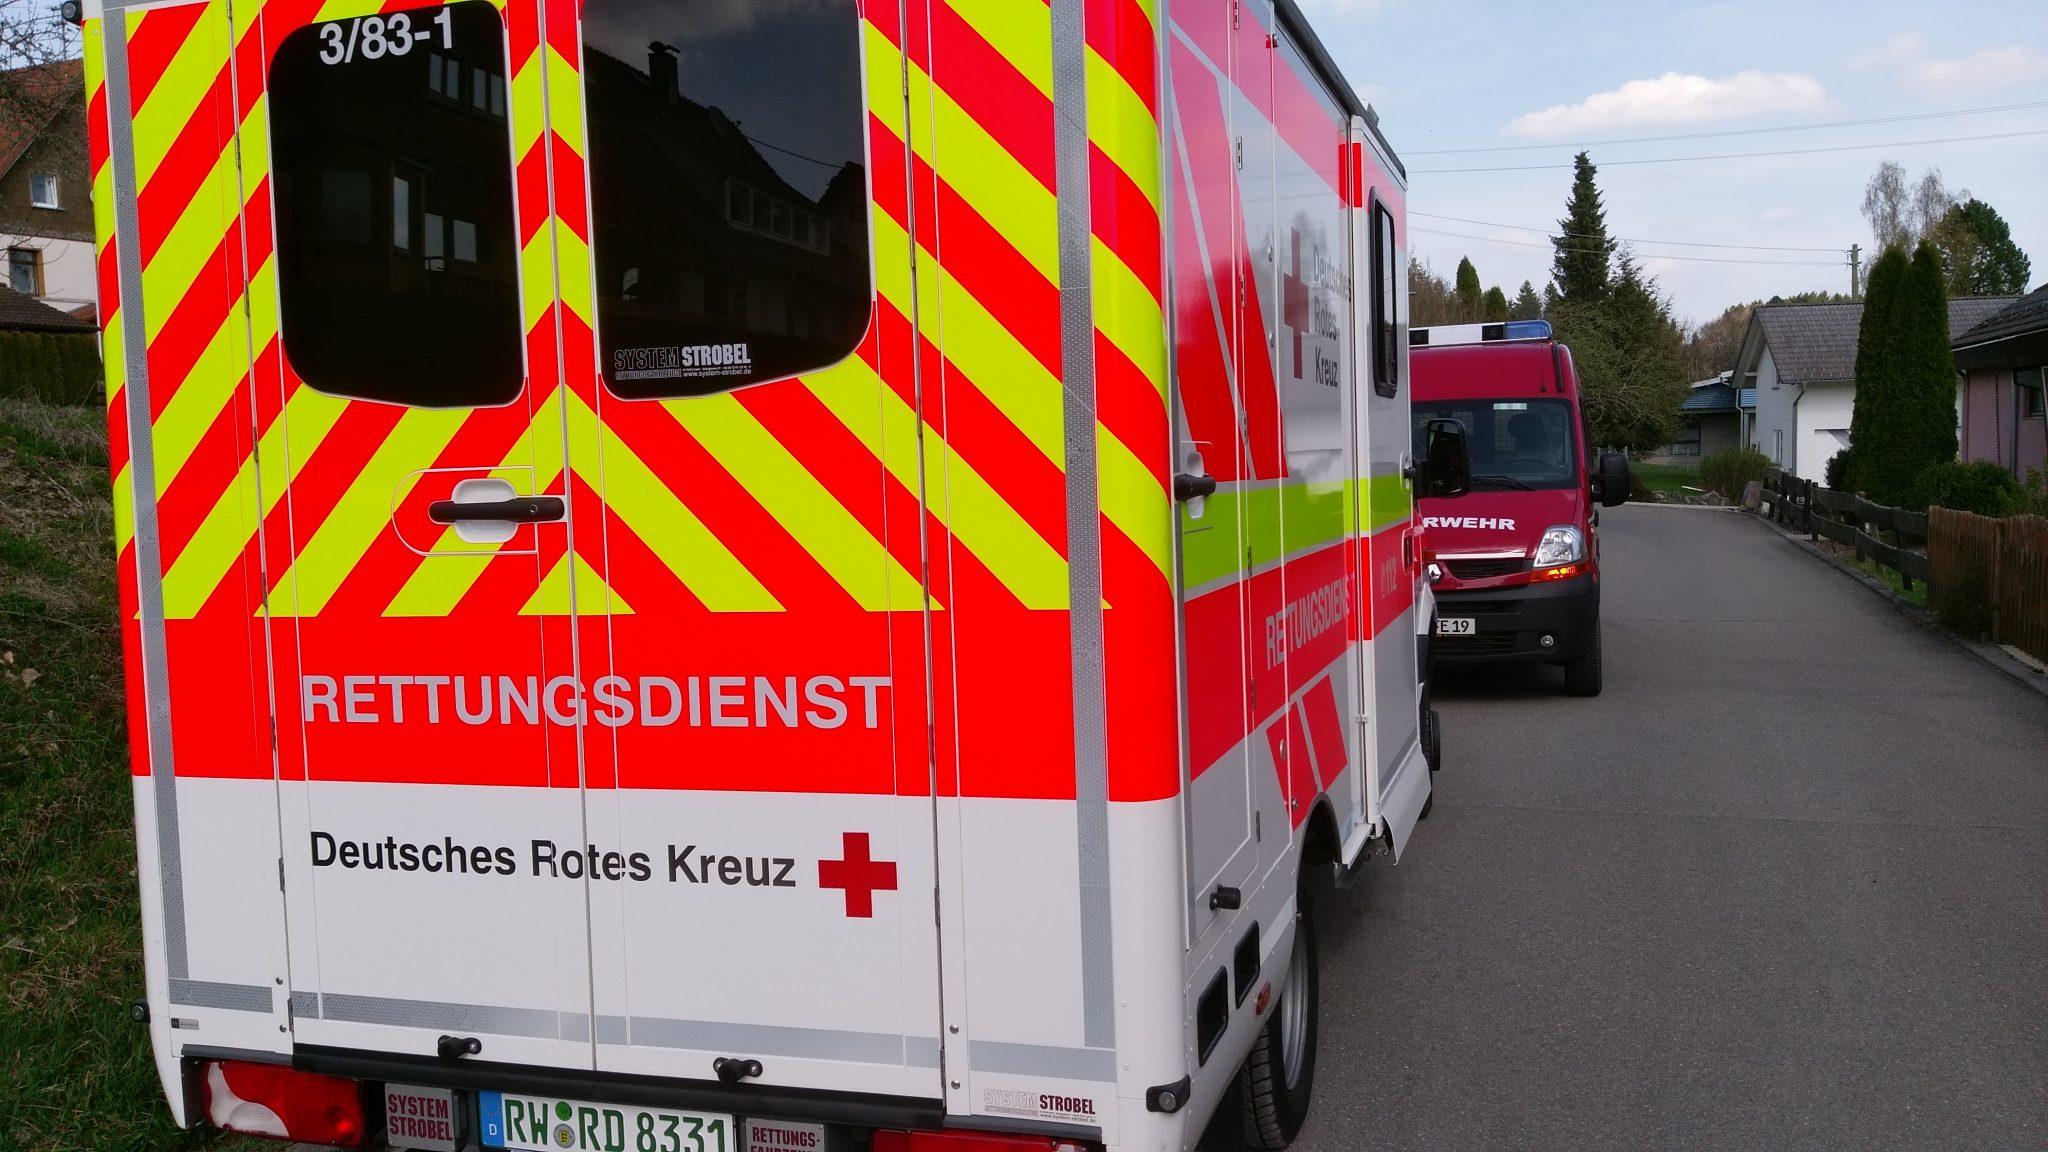 Feuerwehr Eschbronn im Unterstützungseinsatz